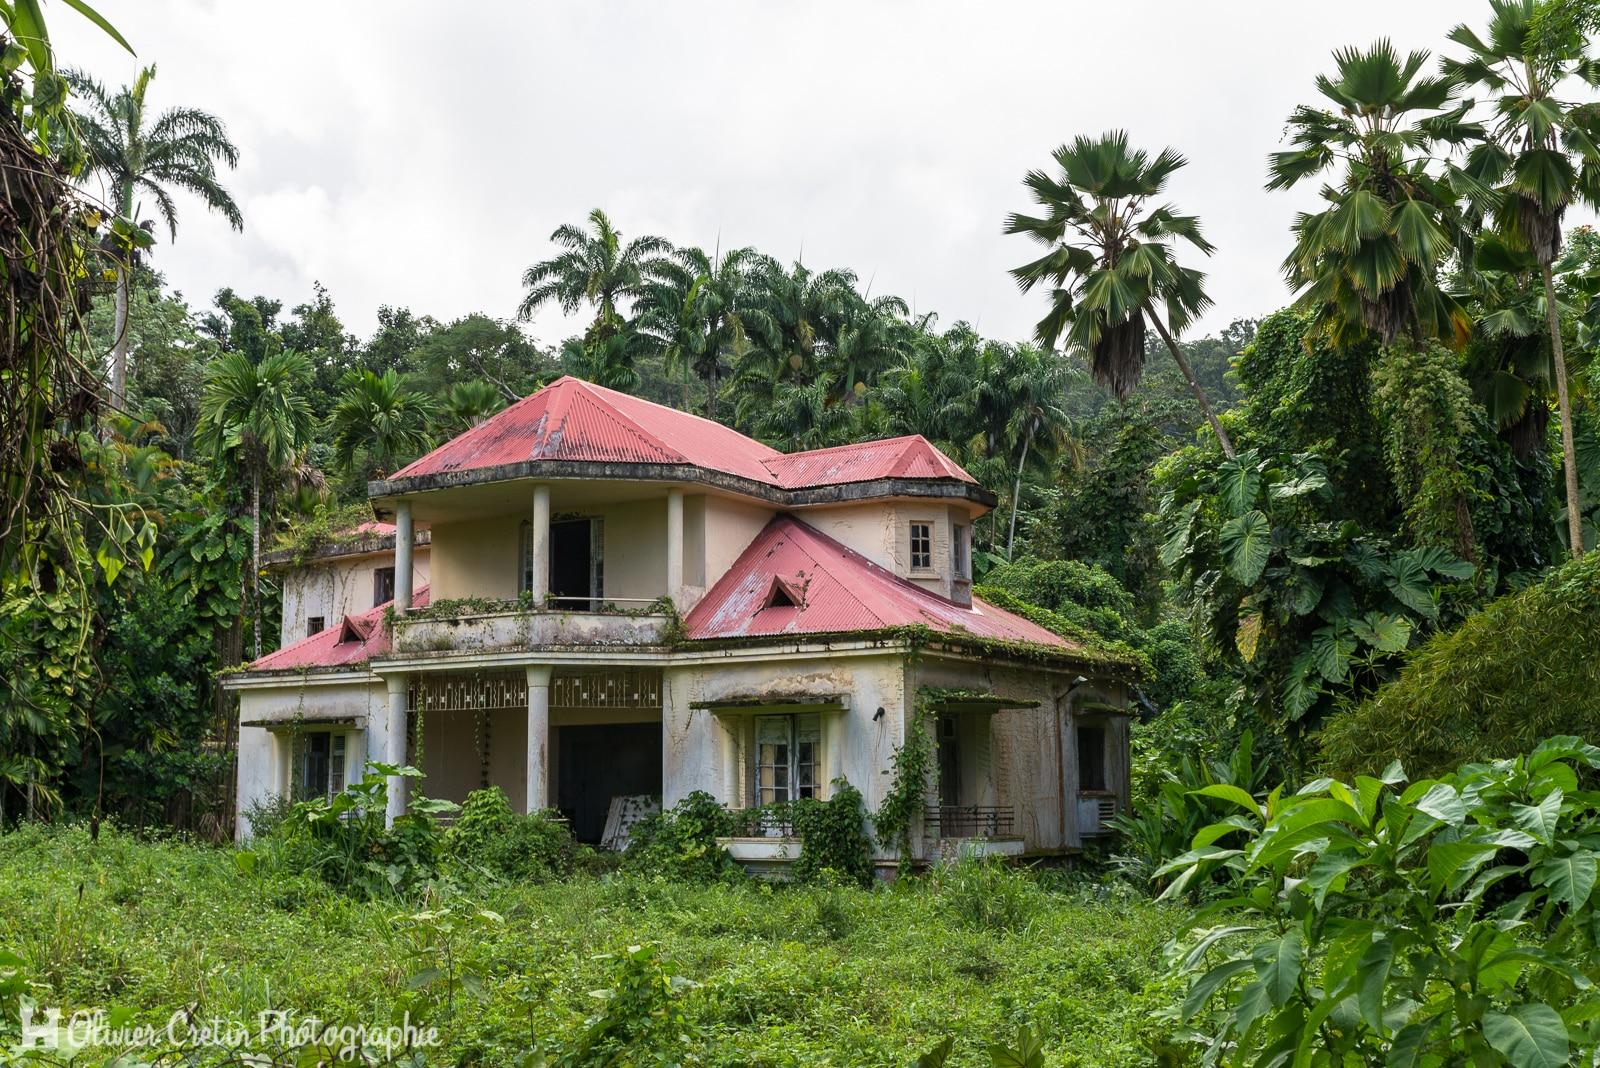 La Maison de la scolopendre